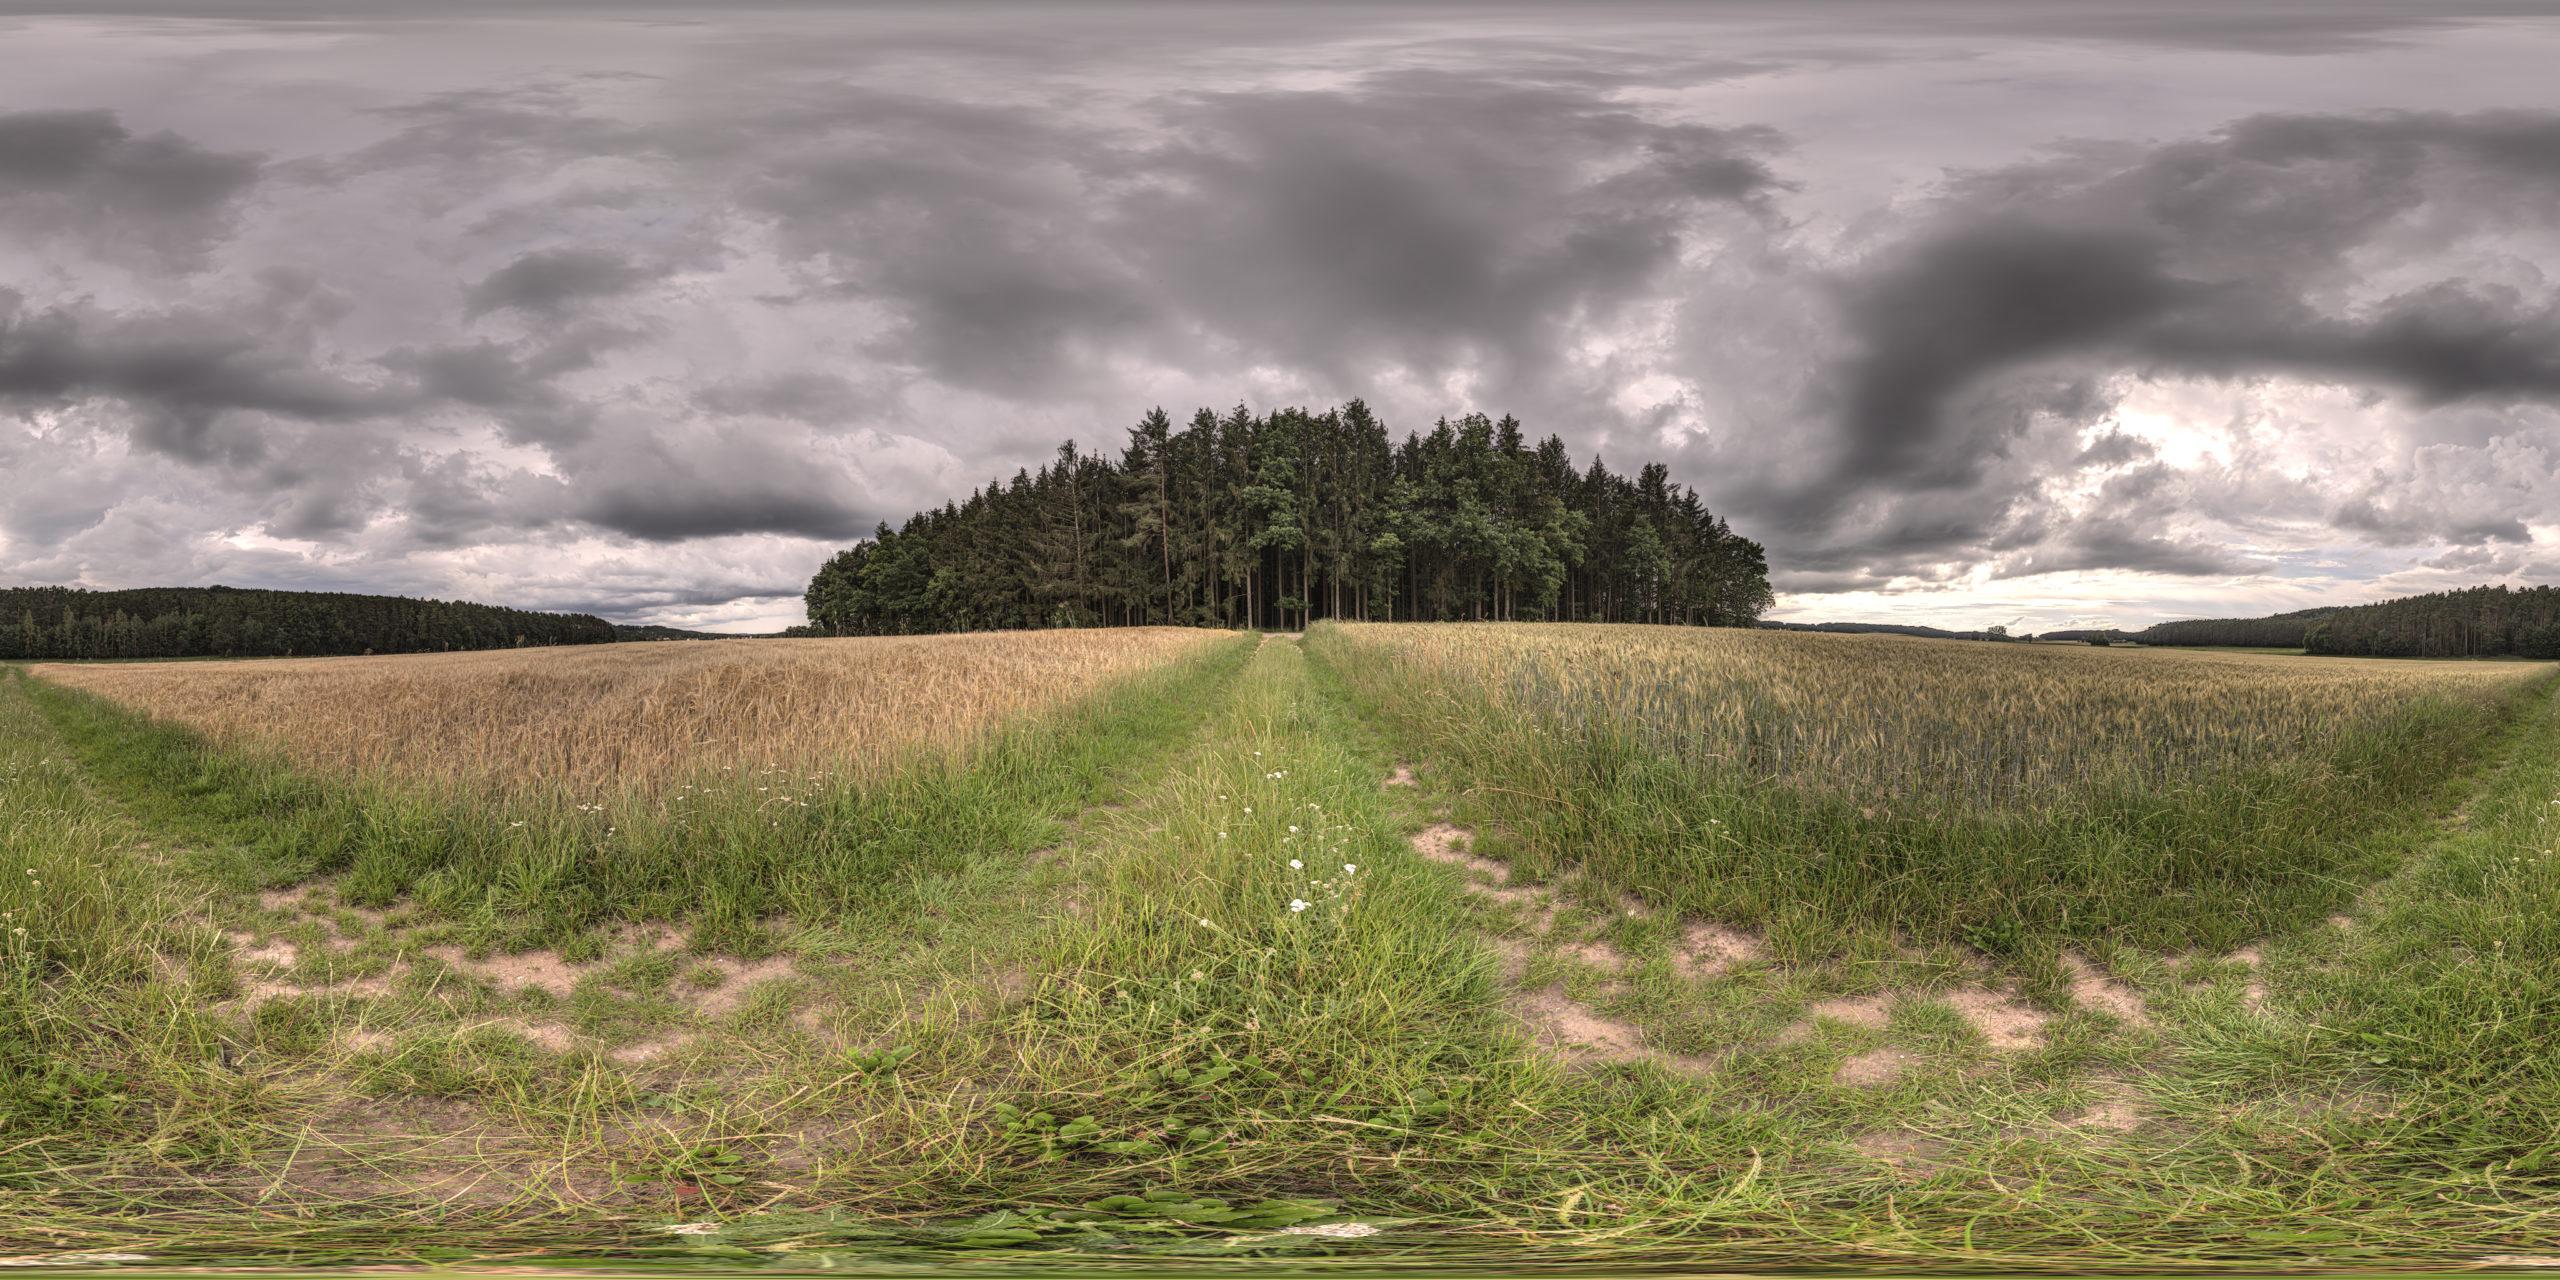 HDRI-Skies-Field-Gunzenhausen